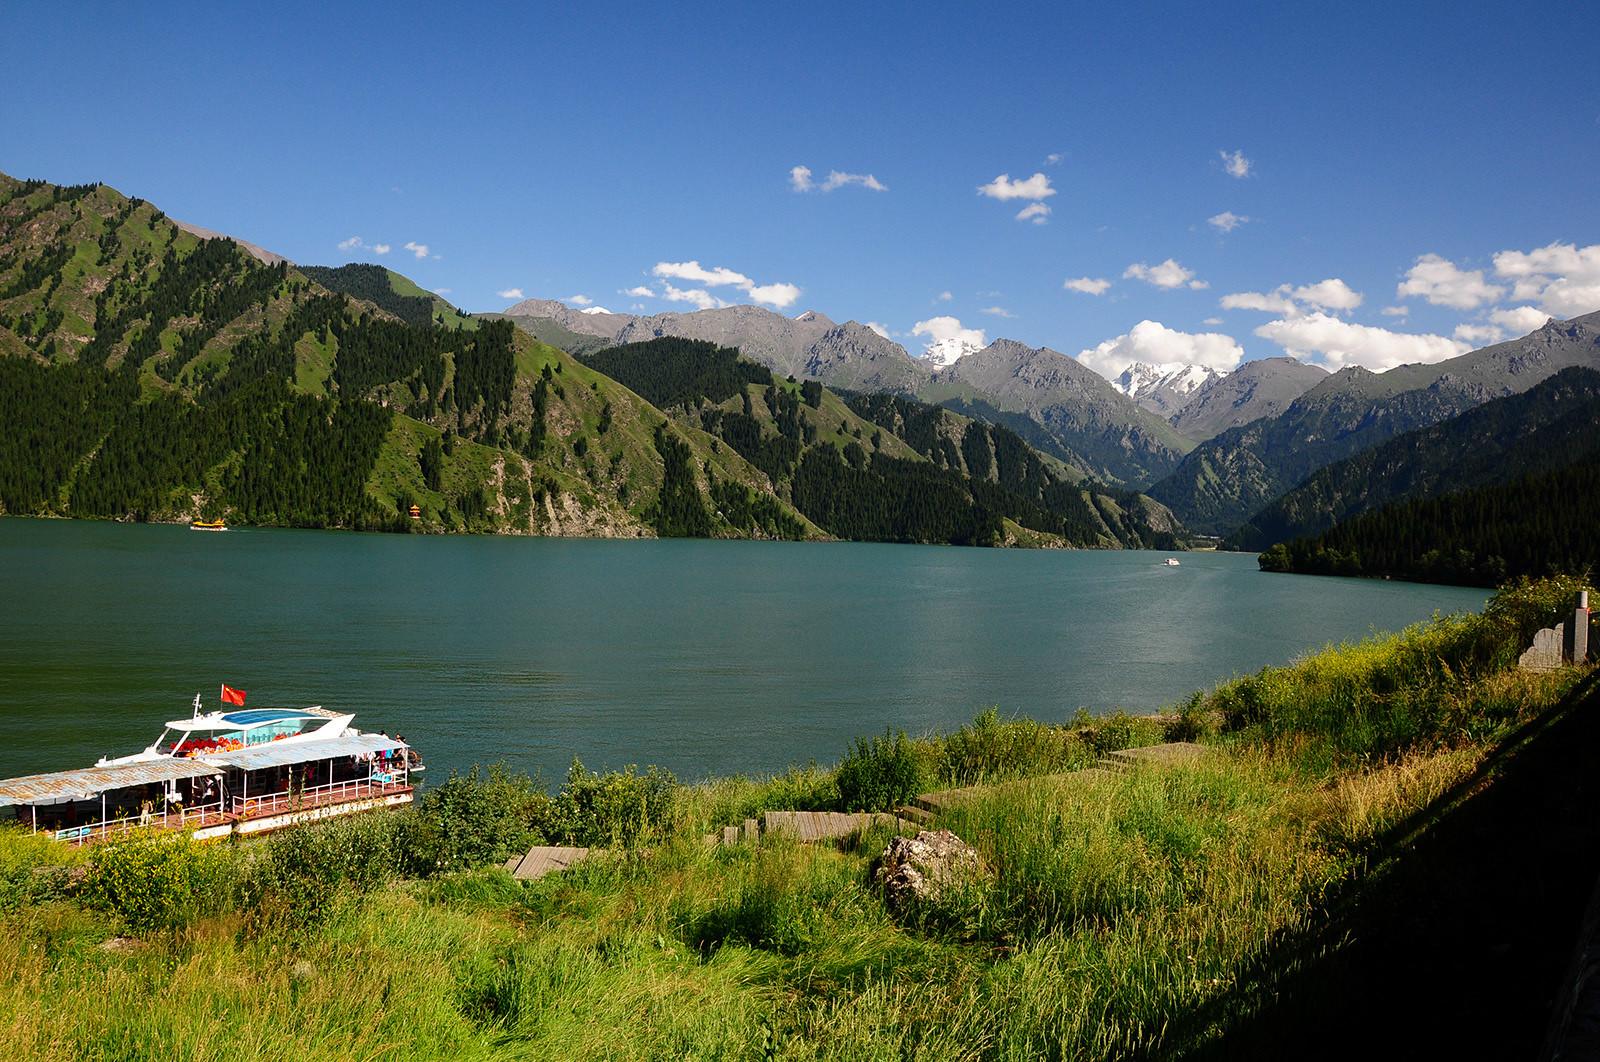 新疆游几天,七 天山天池,博物馆,国际大巴扎